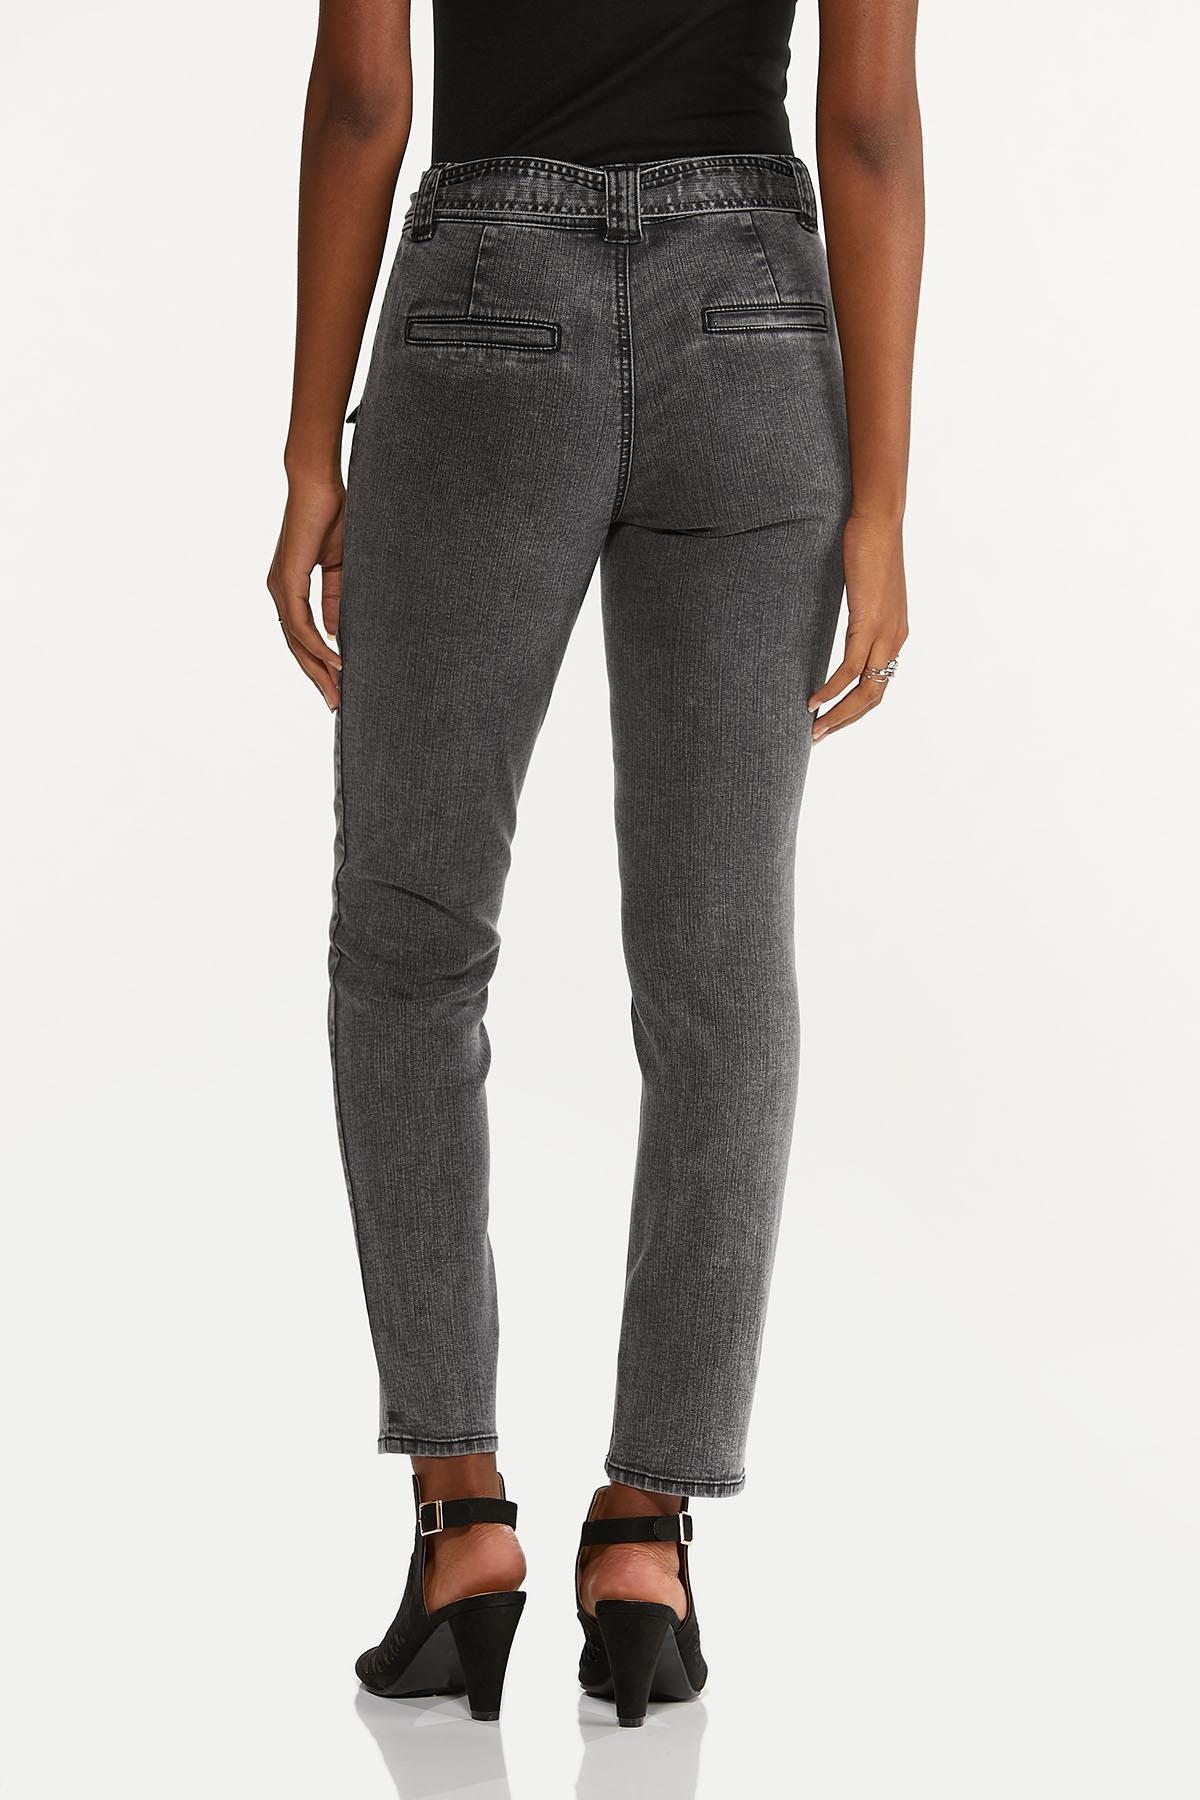 Black Tie Waist Jeans (Item #44639780)